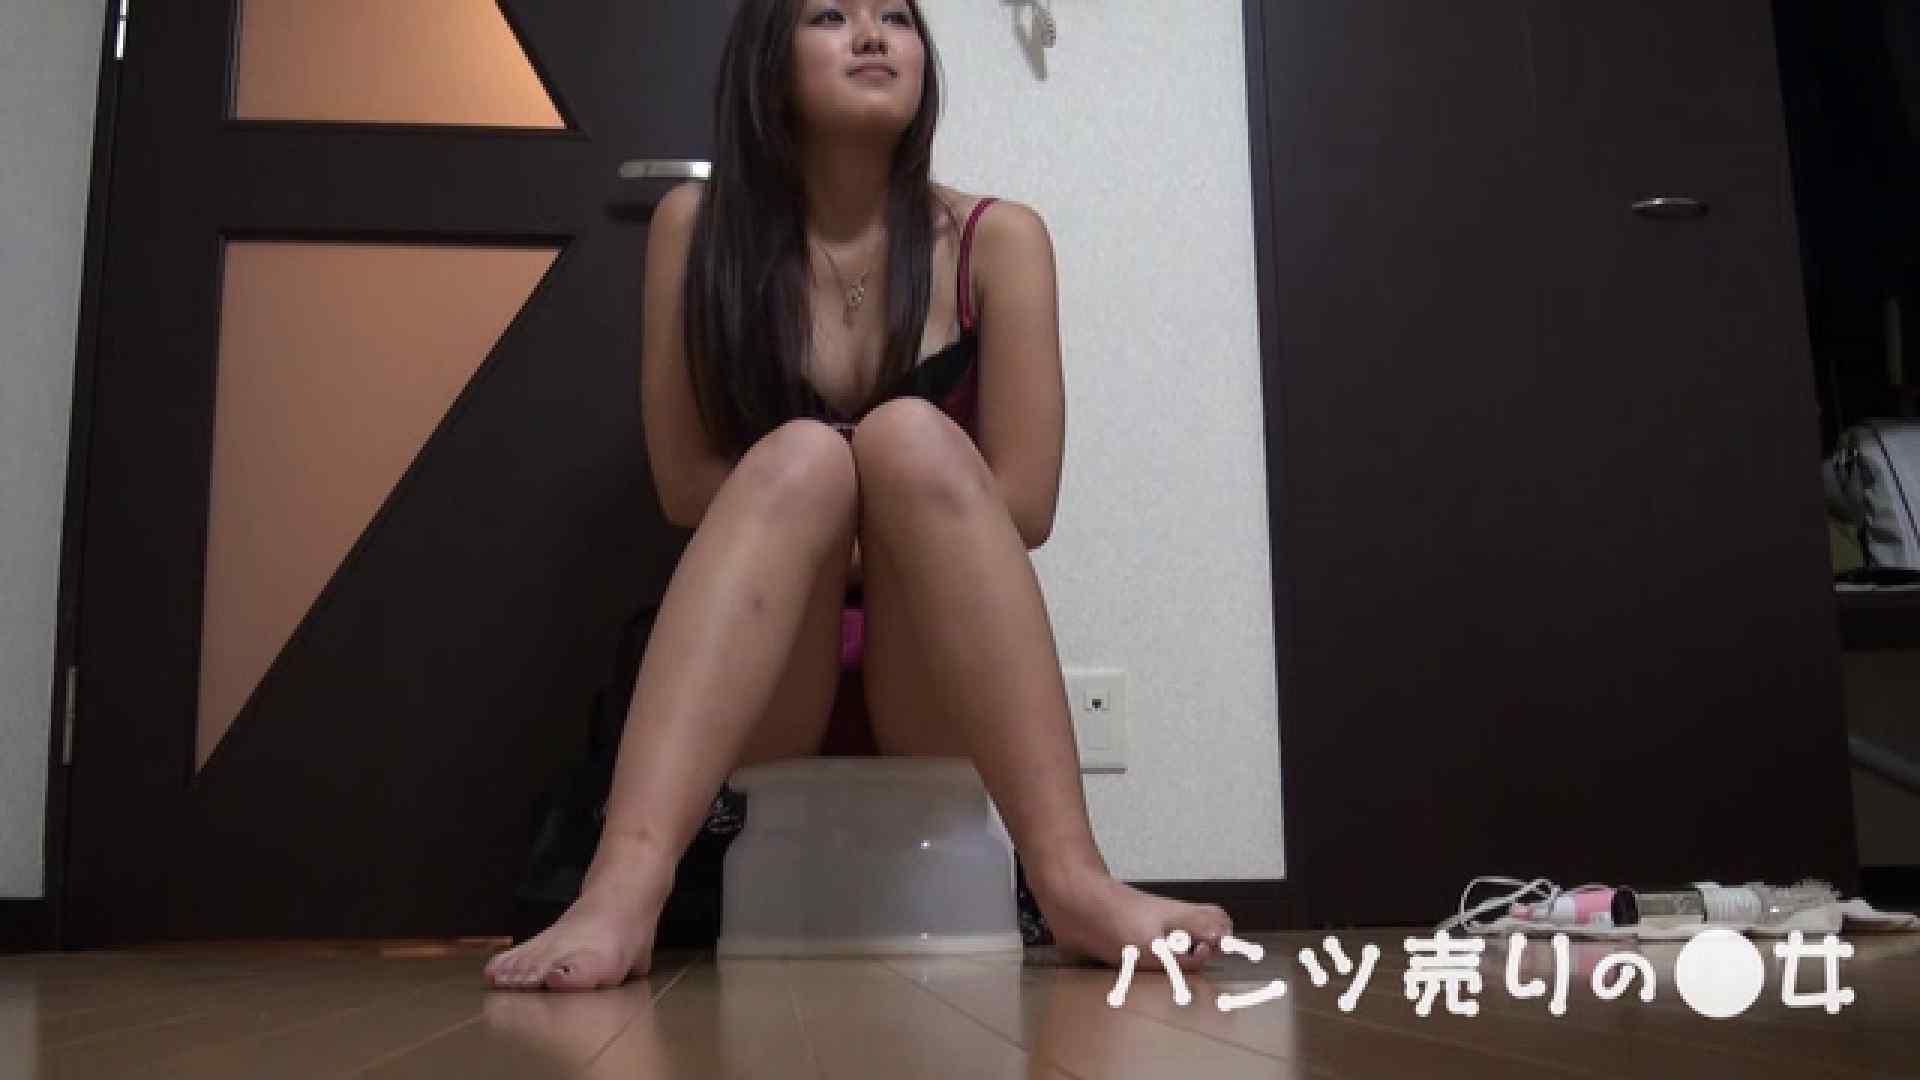 新説 パンツ売りの女の子ayu 盗撮 | おまんこモロ出し  110pic 58